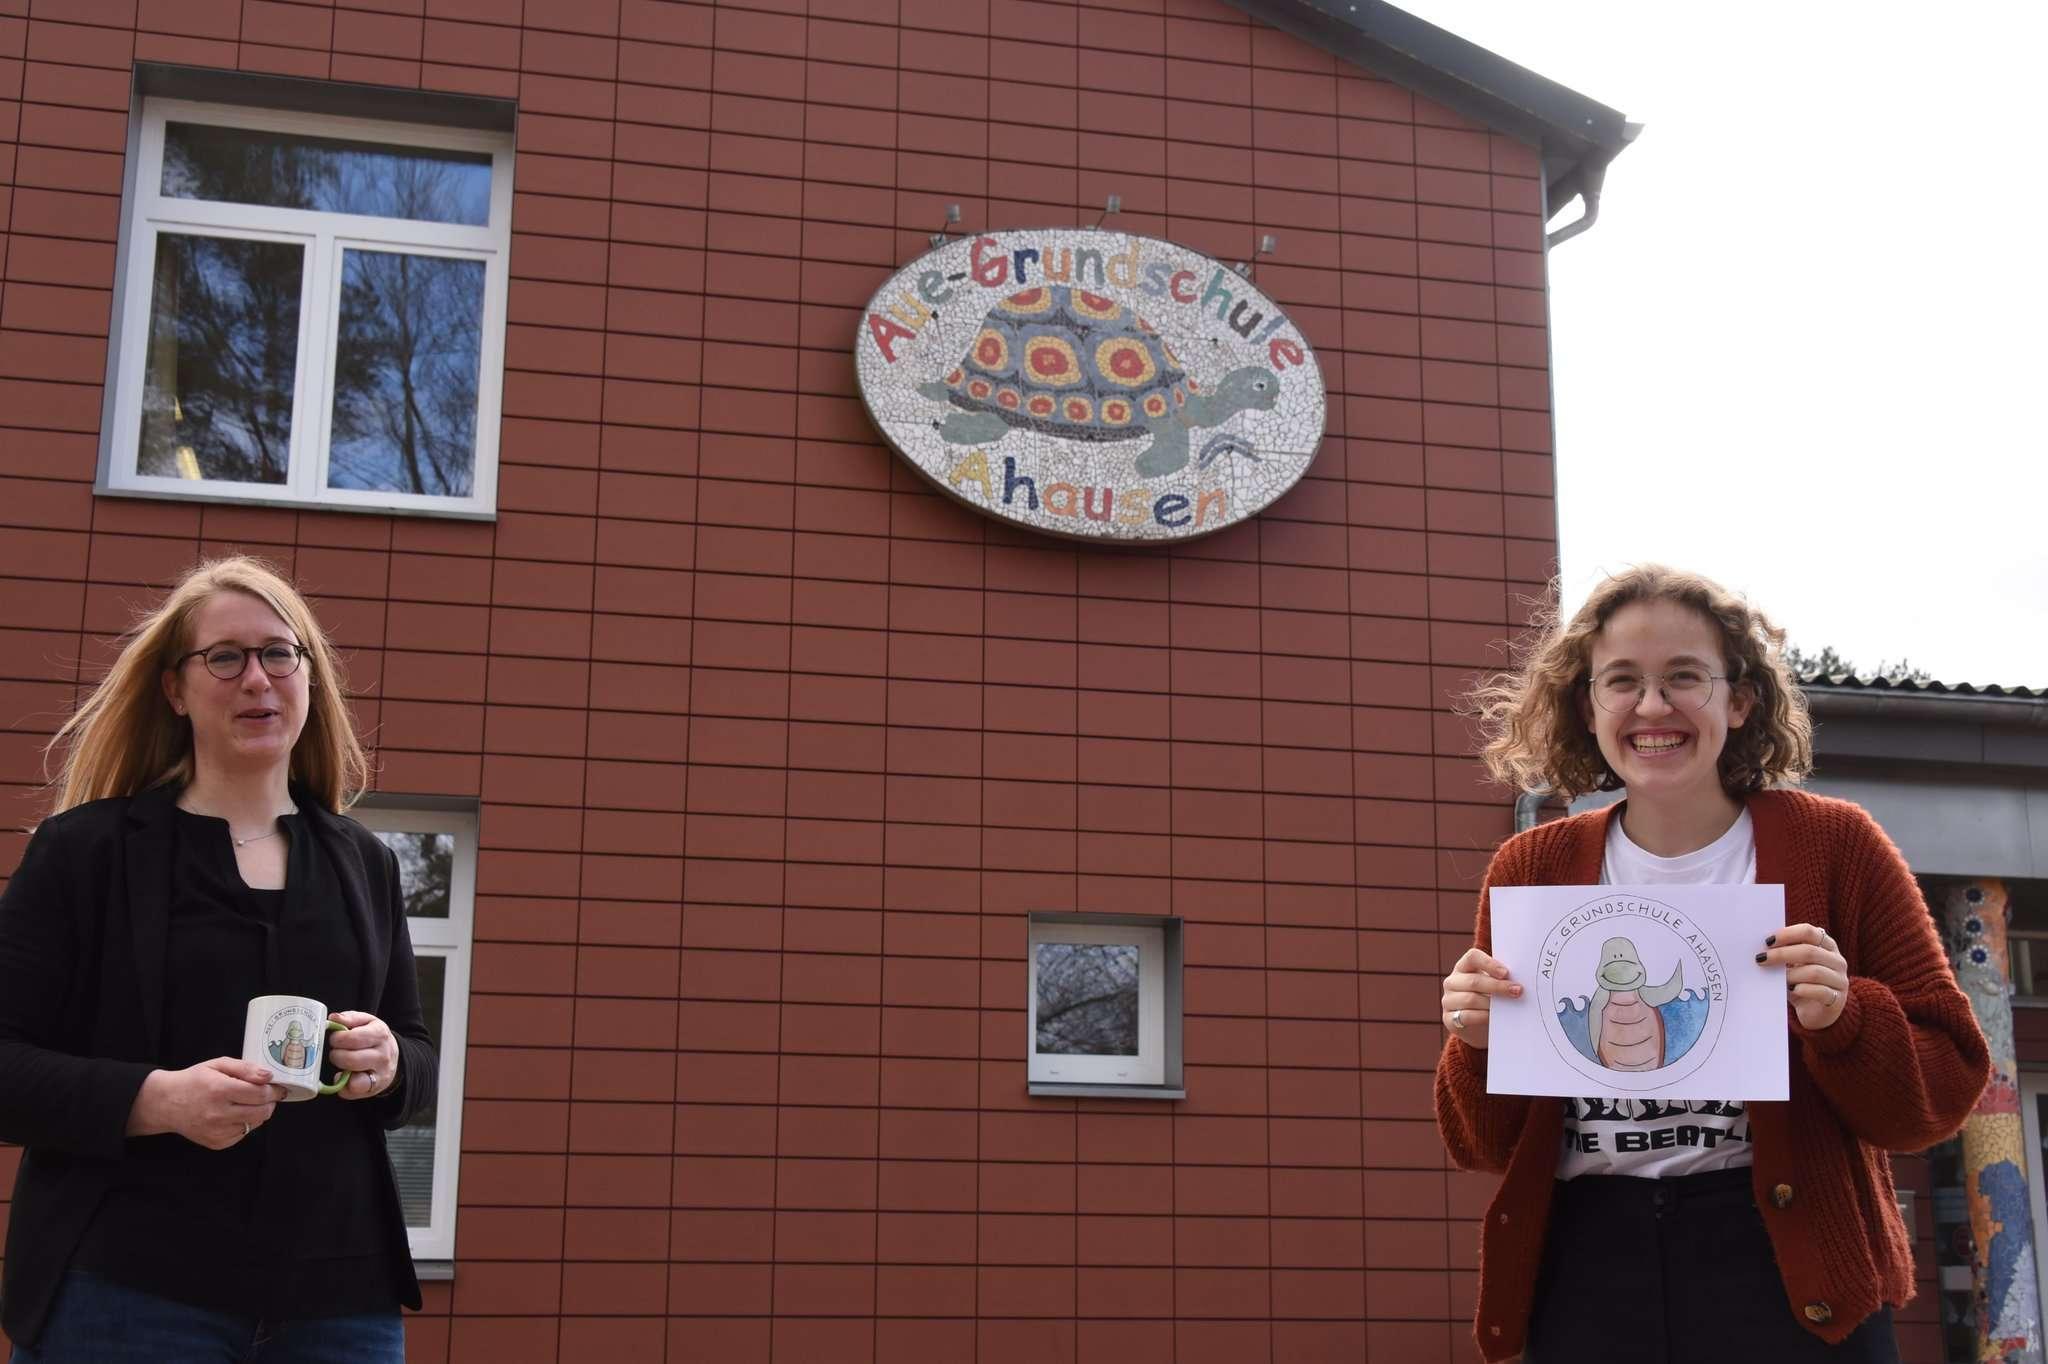 Nele Grabs (rechts) gestaltet das neue Logo für die Aue-Grundschule in Ahausen. Auch Schulleiterin Lavinia Wieland ist angetan von dem Werk, das auch auf den Tassen für die Erstklässler zu sehen ist.